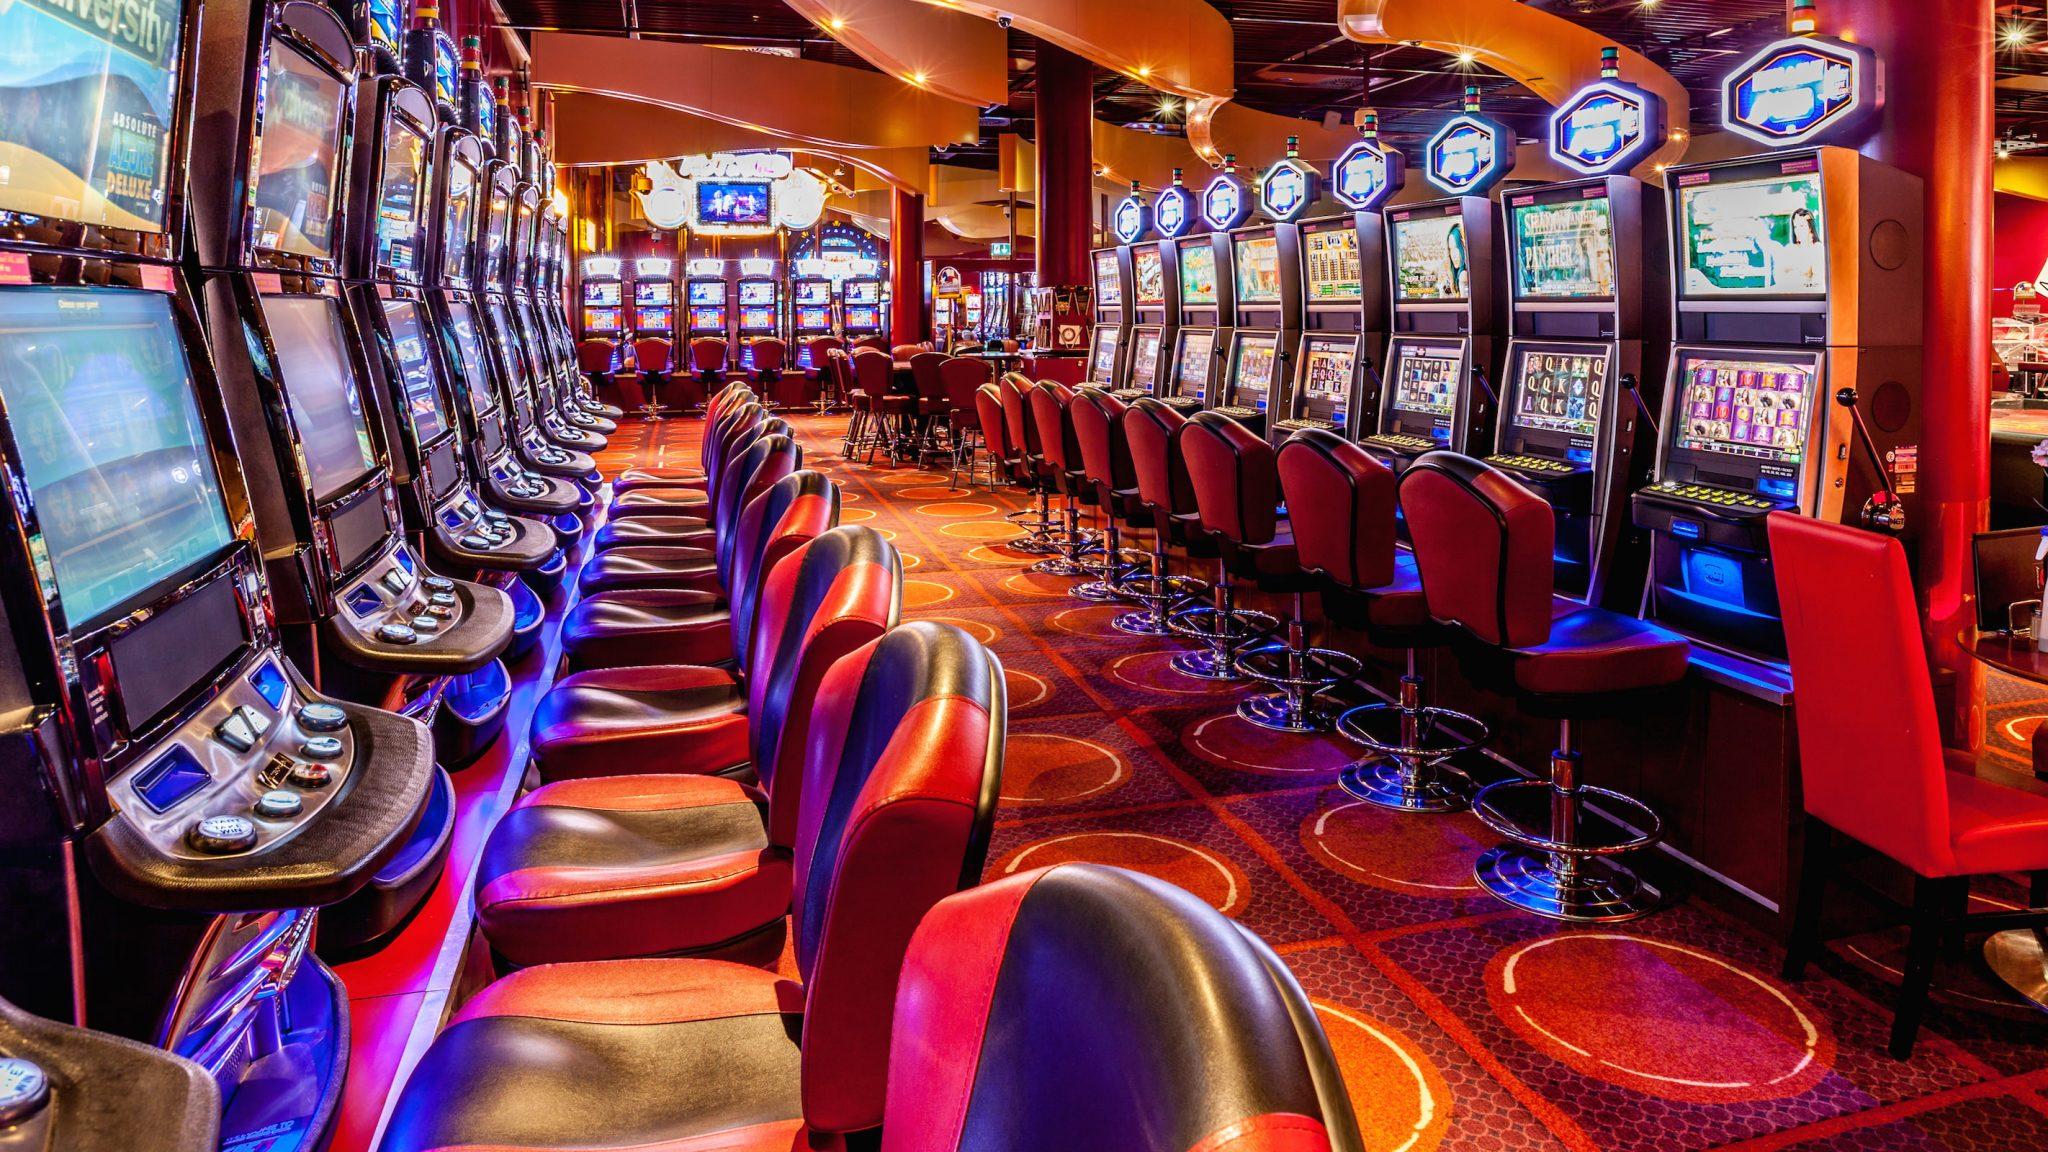 Vaping at Casino